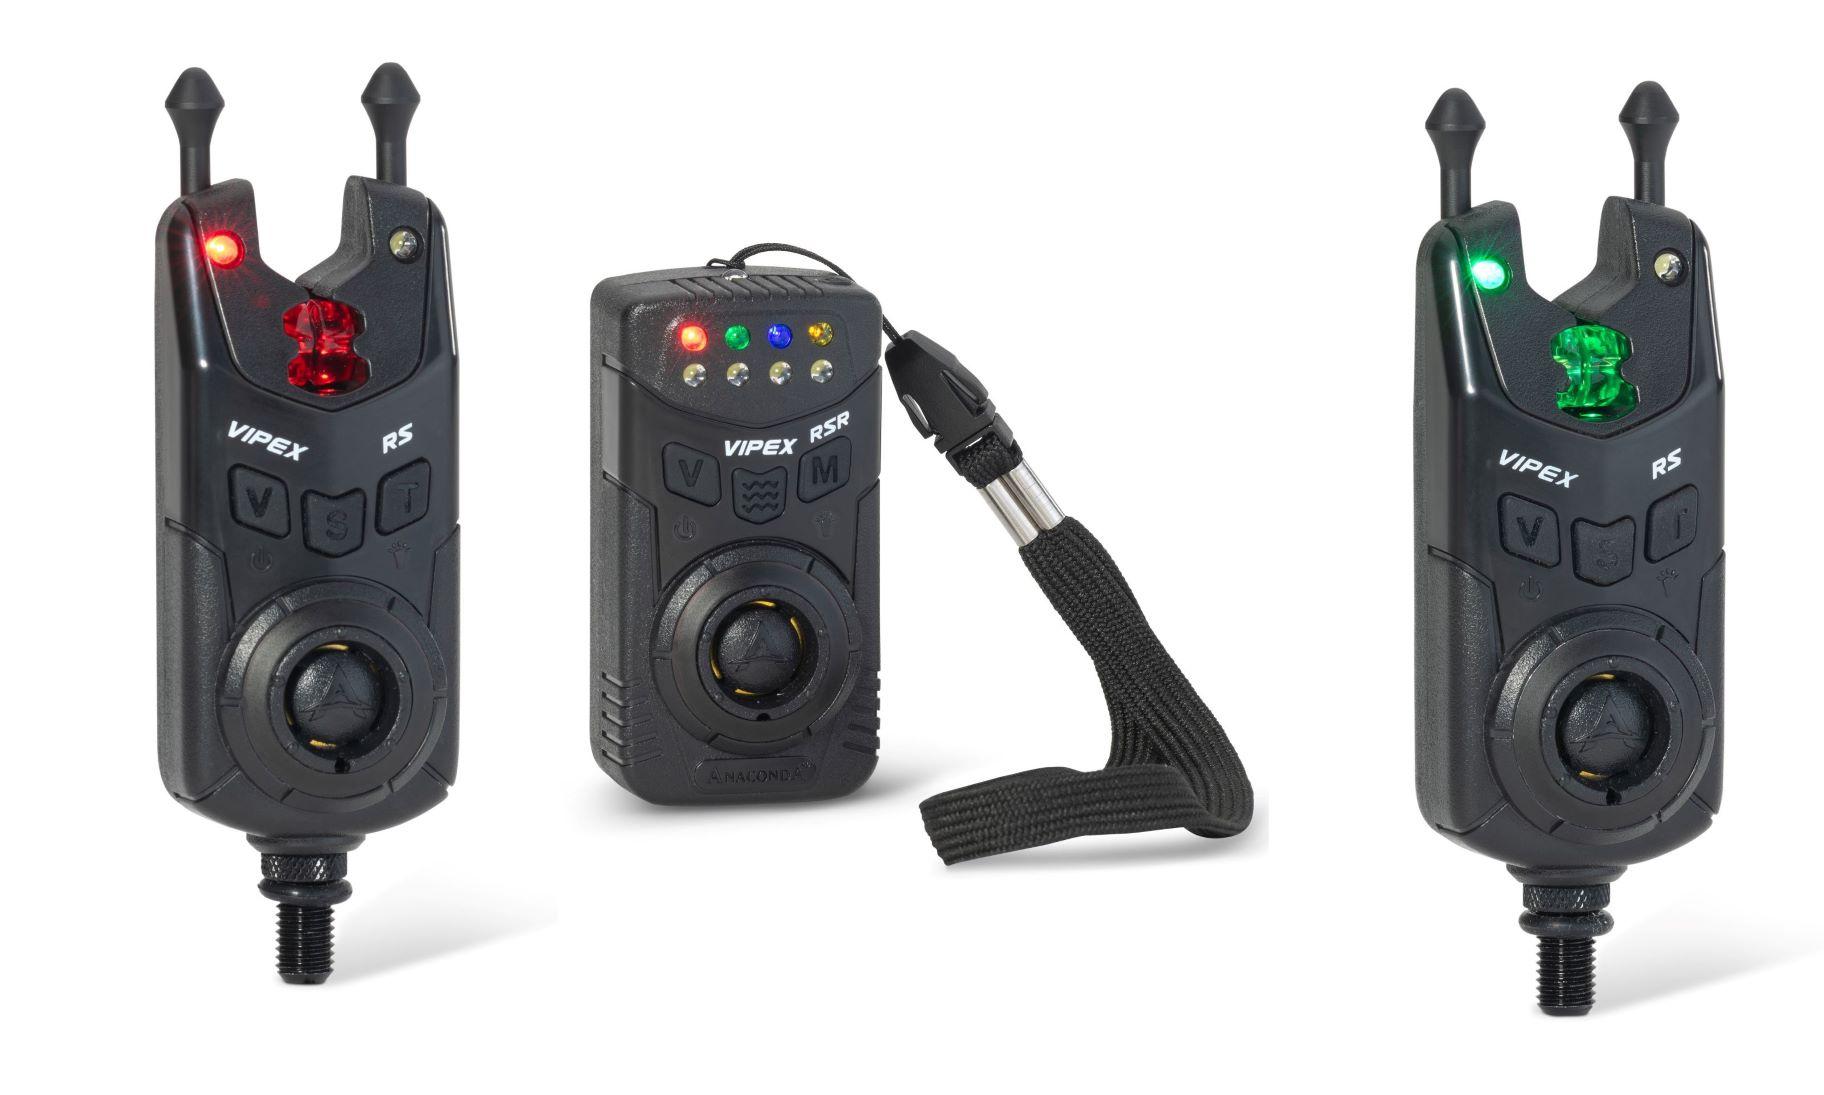 Anaconda sada 2 hlásičů s příposlechem Vipex RS (červená. zelená)